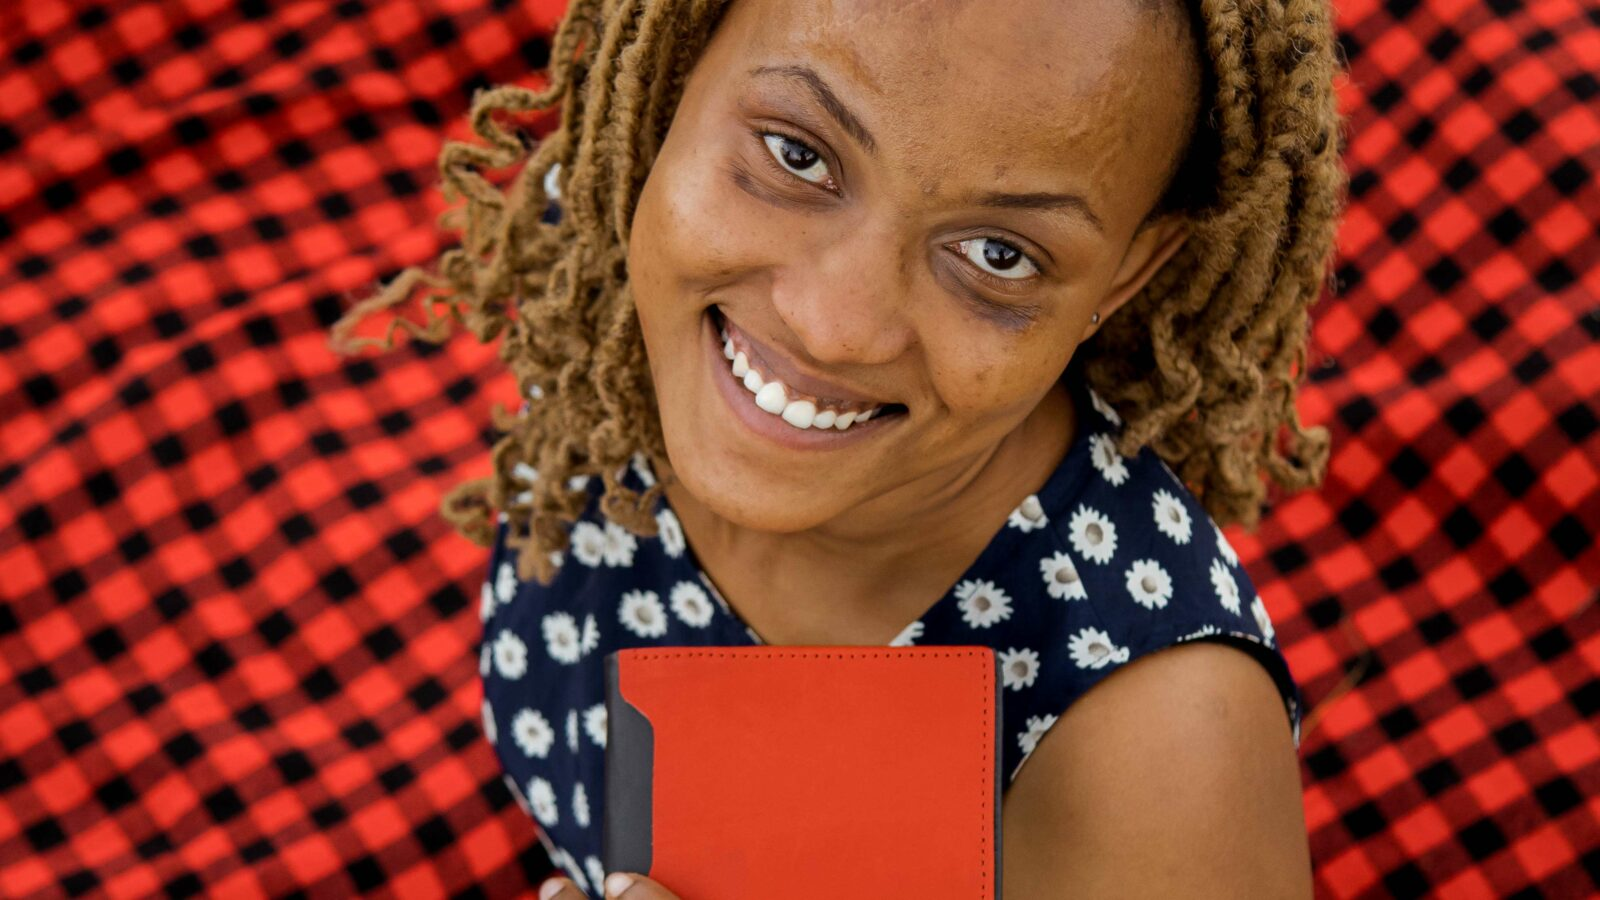 Maßgefertigtes schwarz-rotes Portemonnaie